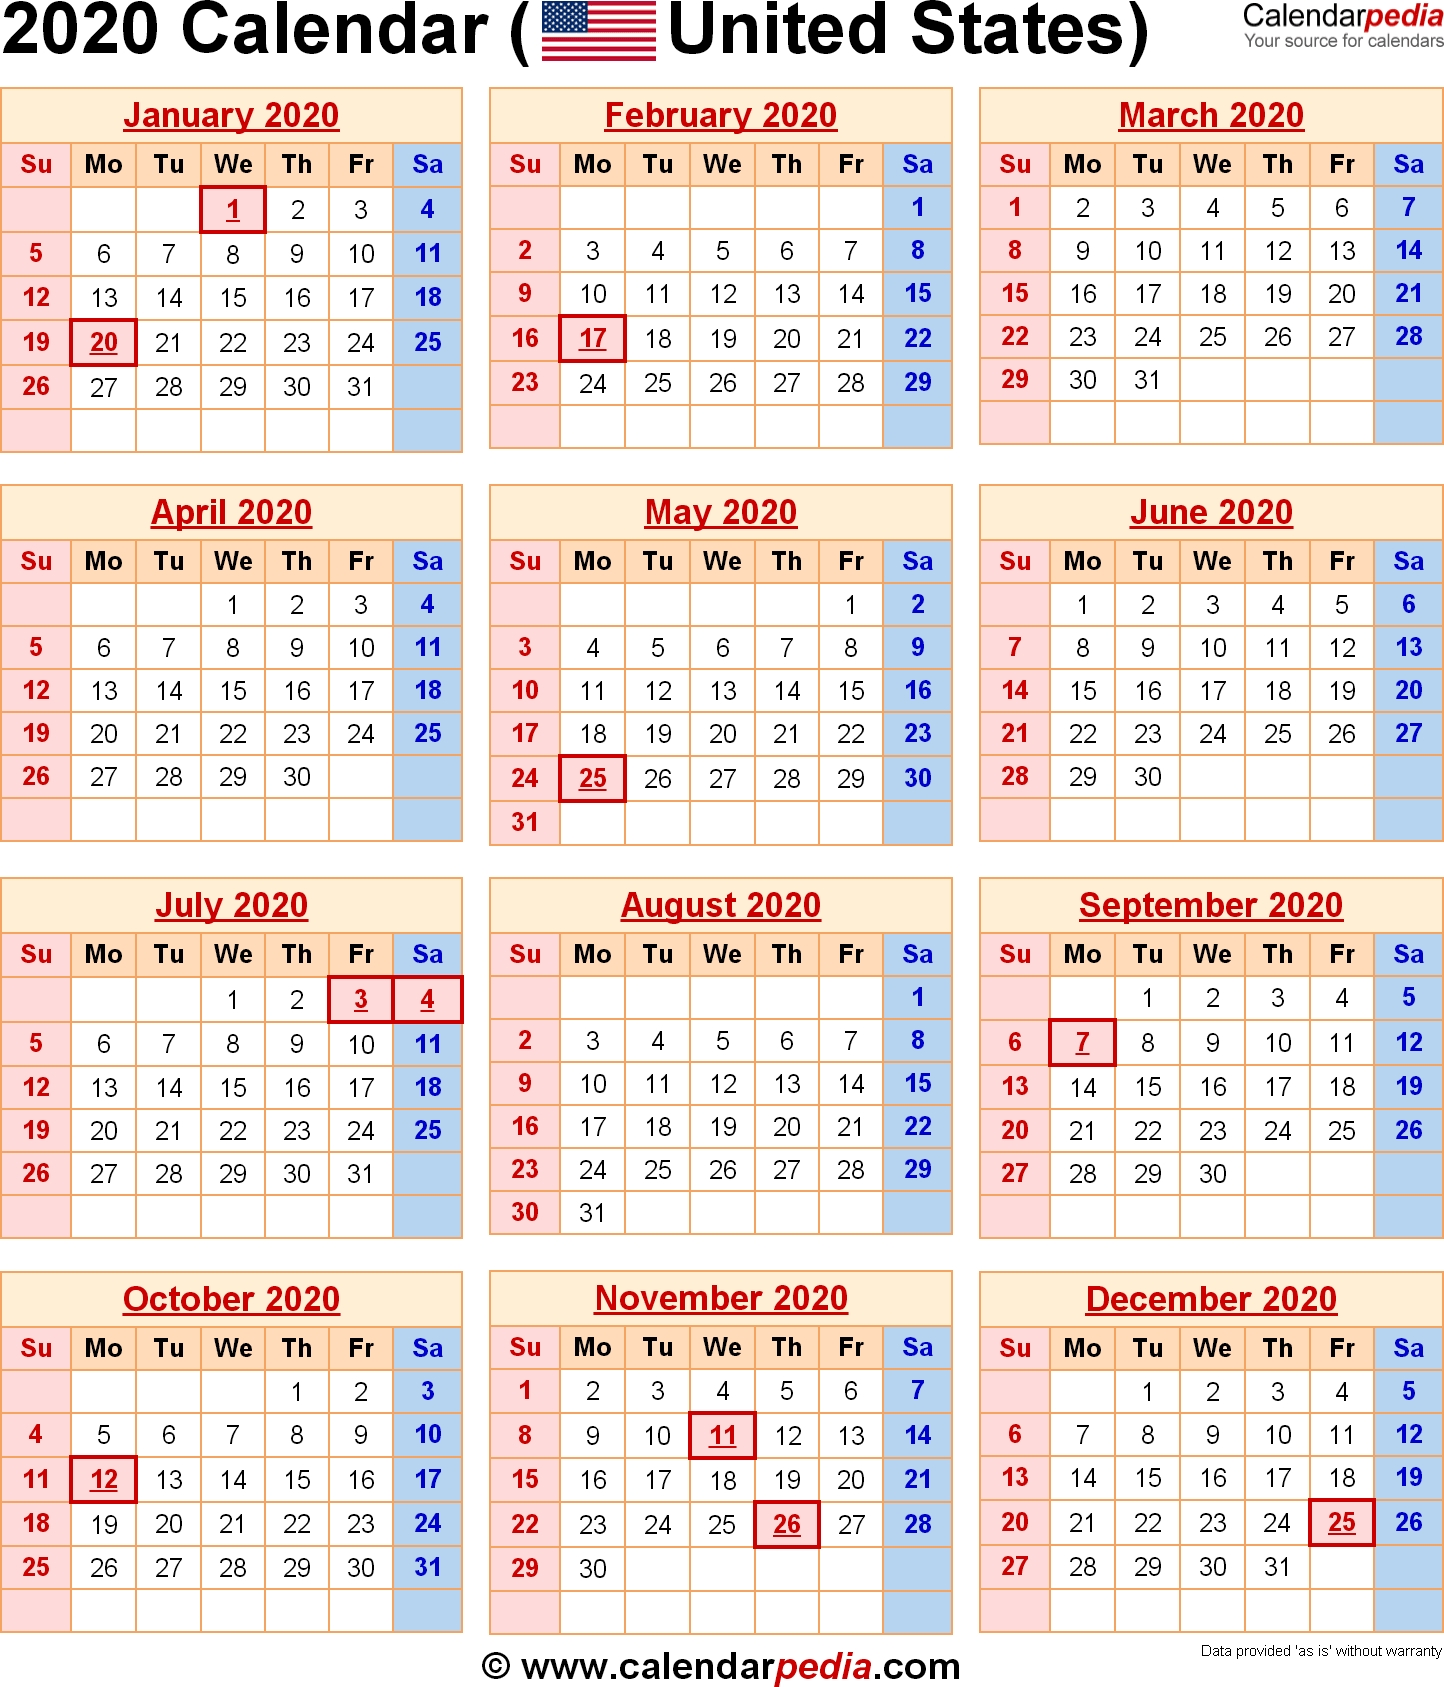 2020 Calendar With Federal Holidays  2020 Calendar Printable Calendarpedia